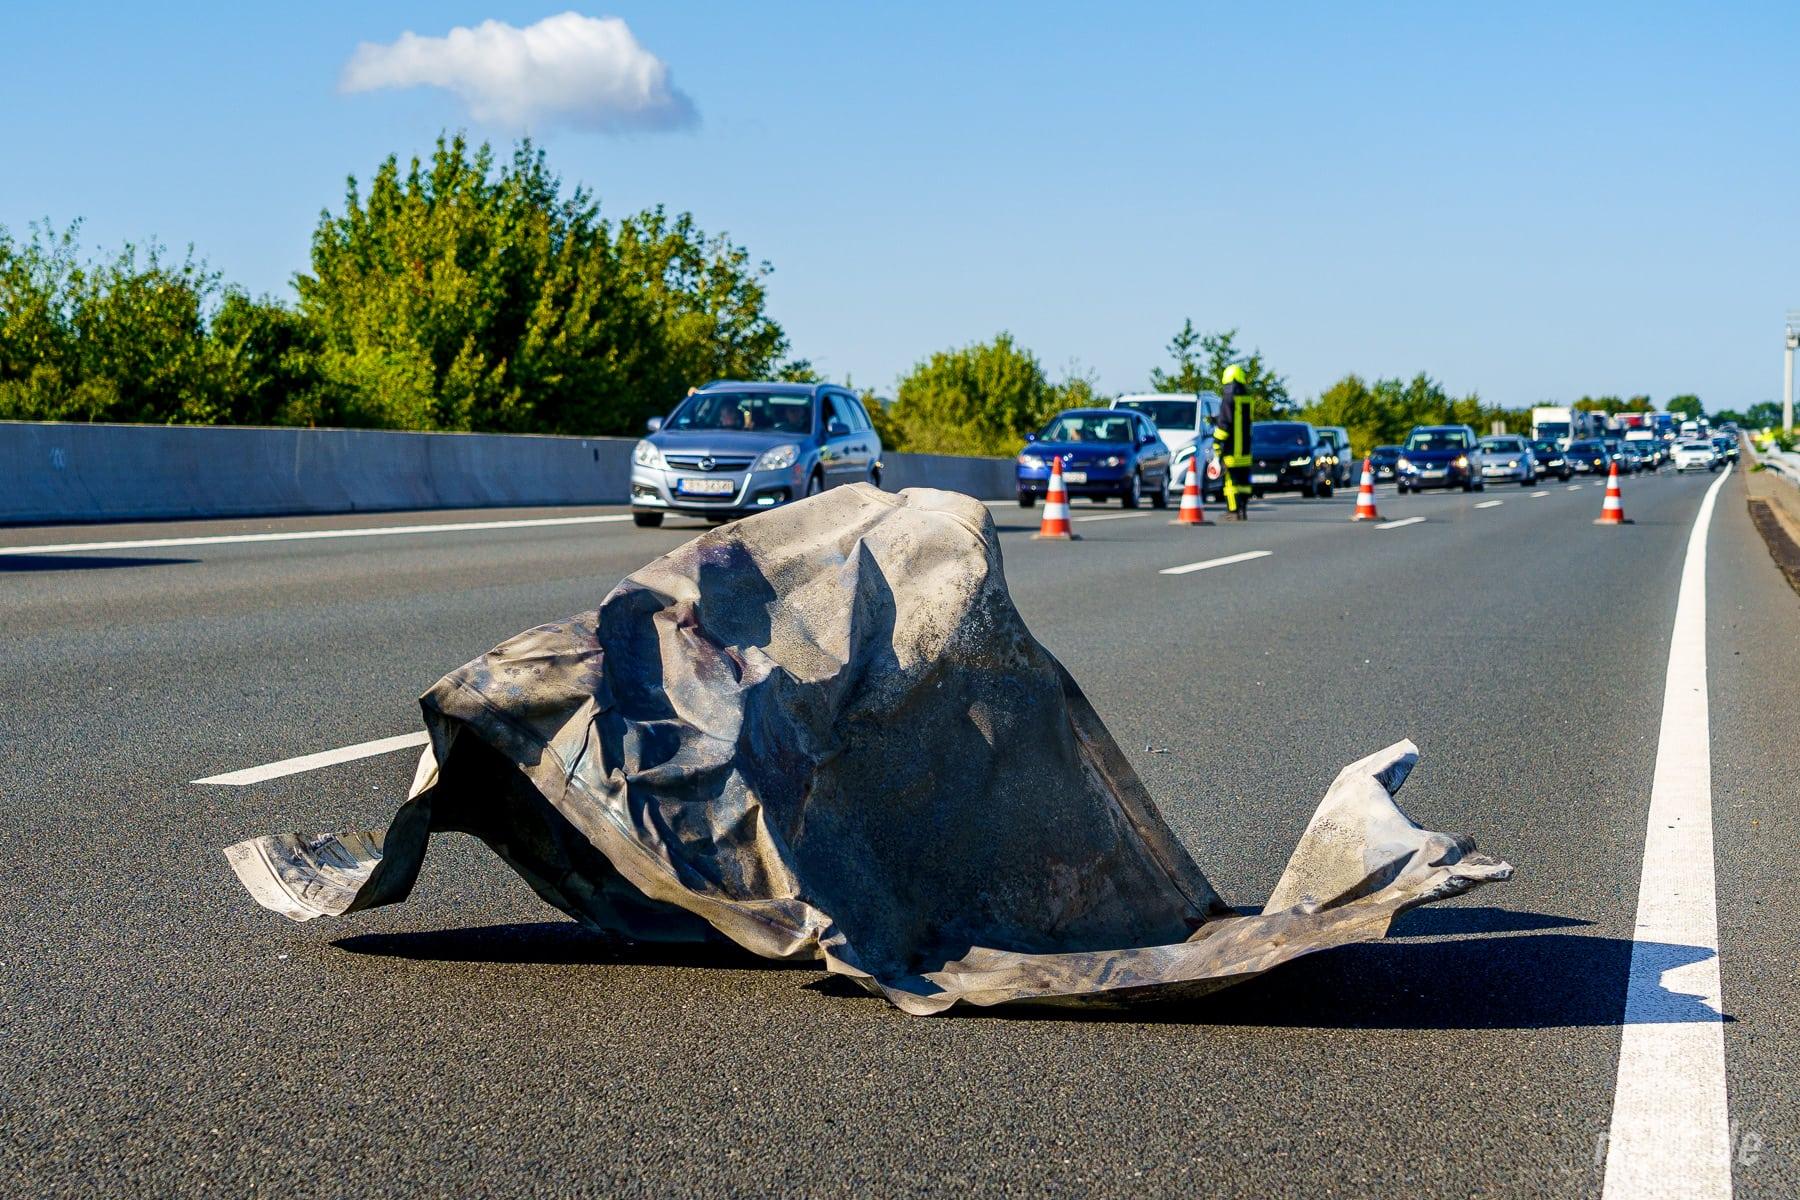 Platzende Reifen haben ein Metallteil auf die Gegenfahrbahn geschleudert (Foto: n112.de/Stefan Simonsen)